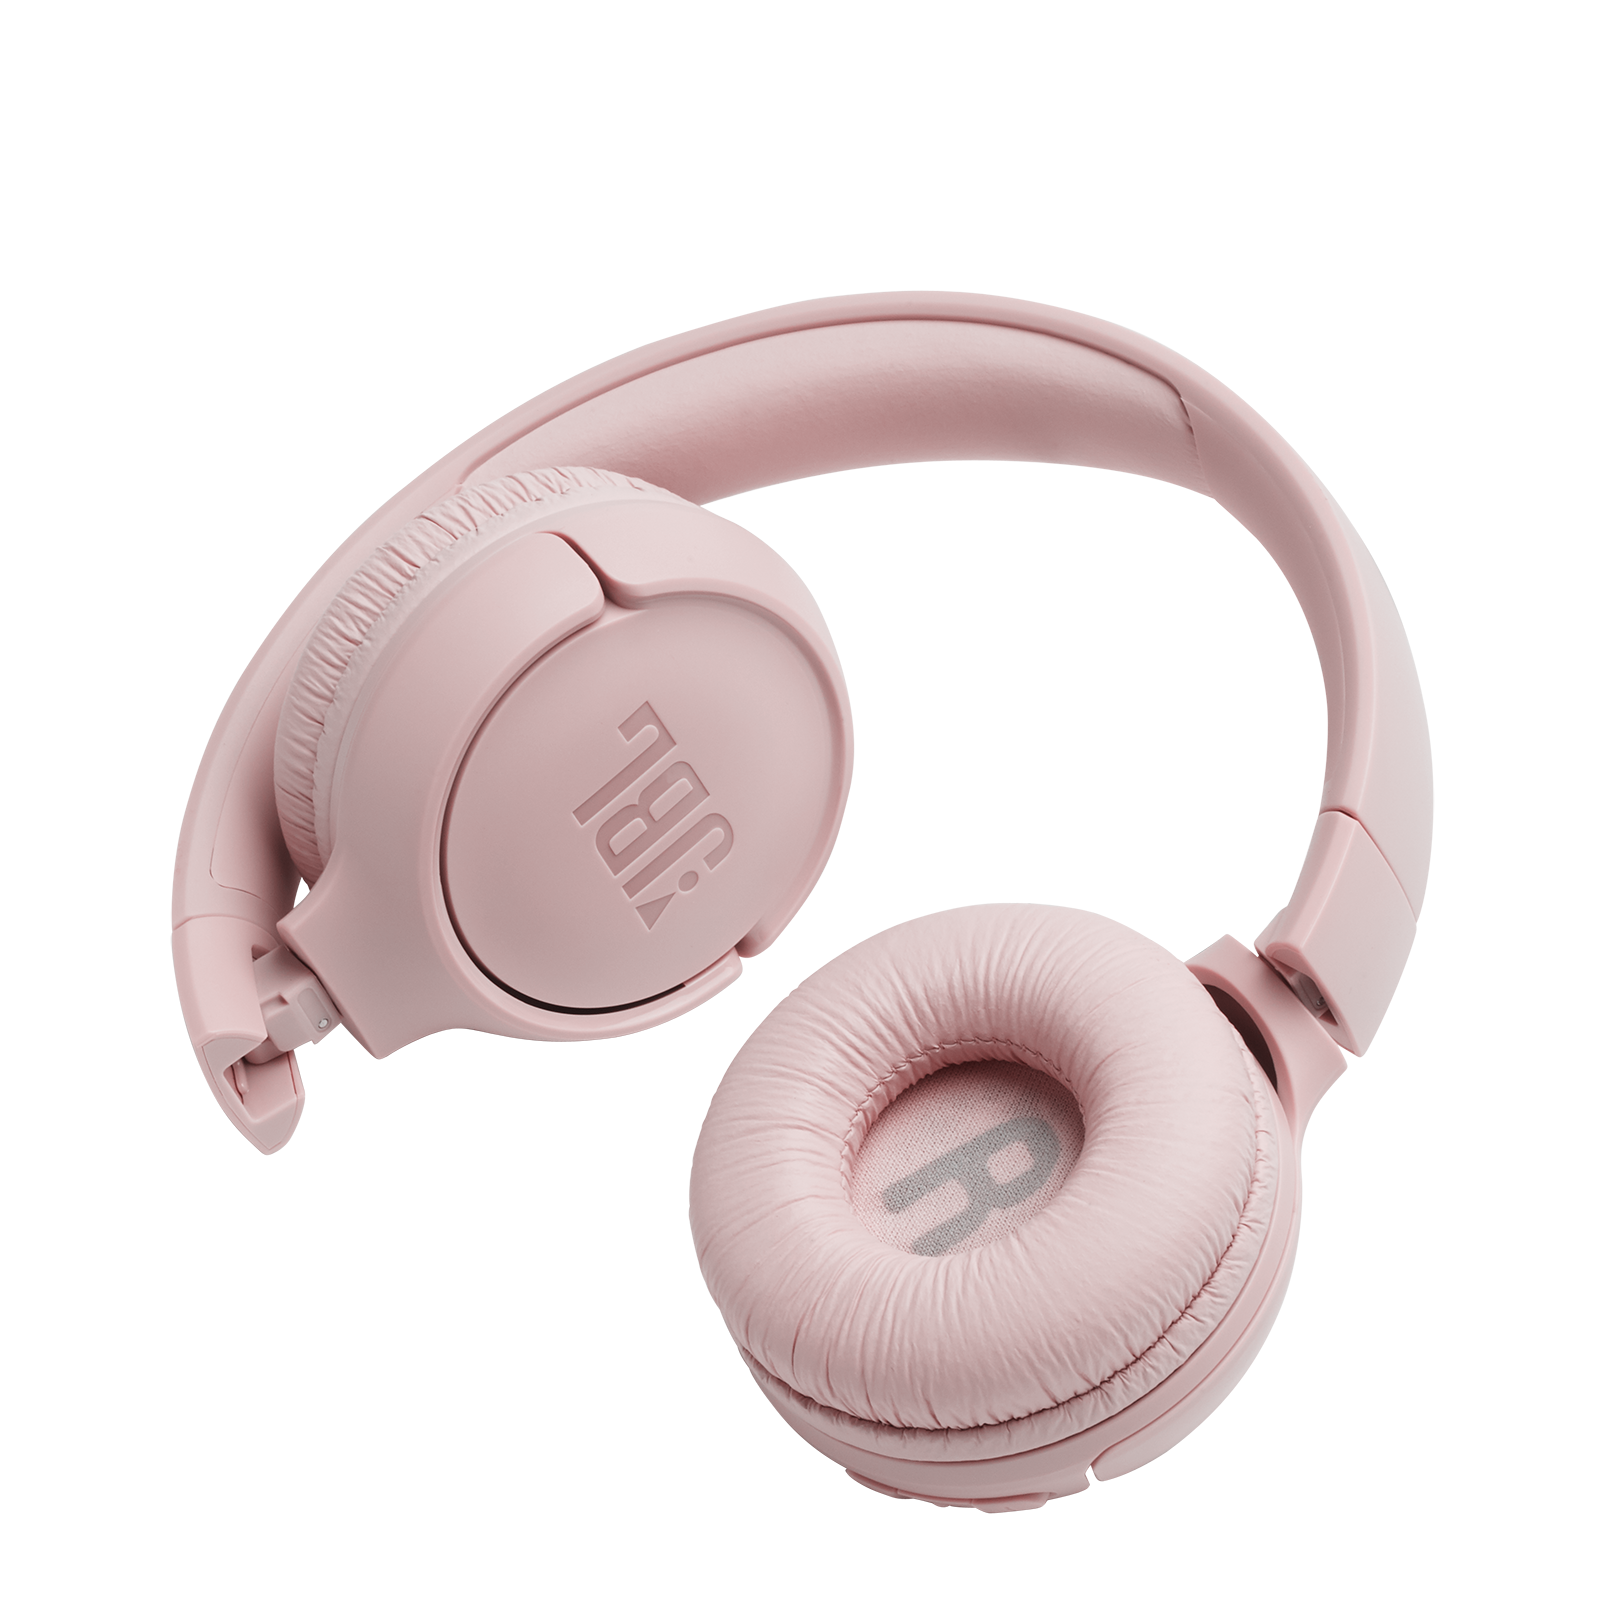 JBL TUNE 560BT - Pink - Wireless on-ear headphones - Back